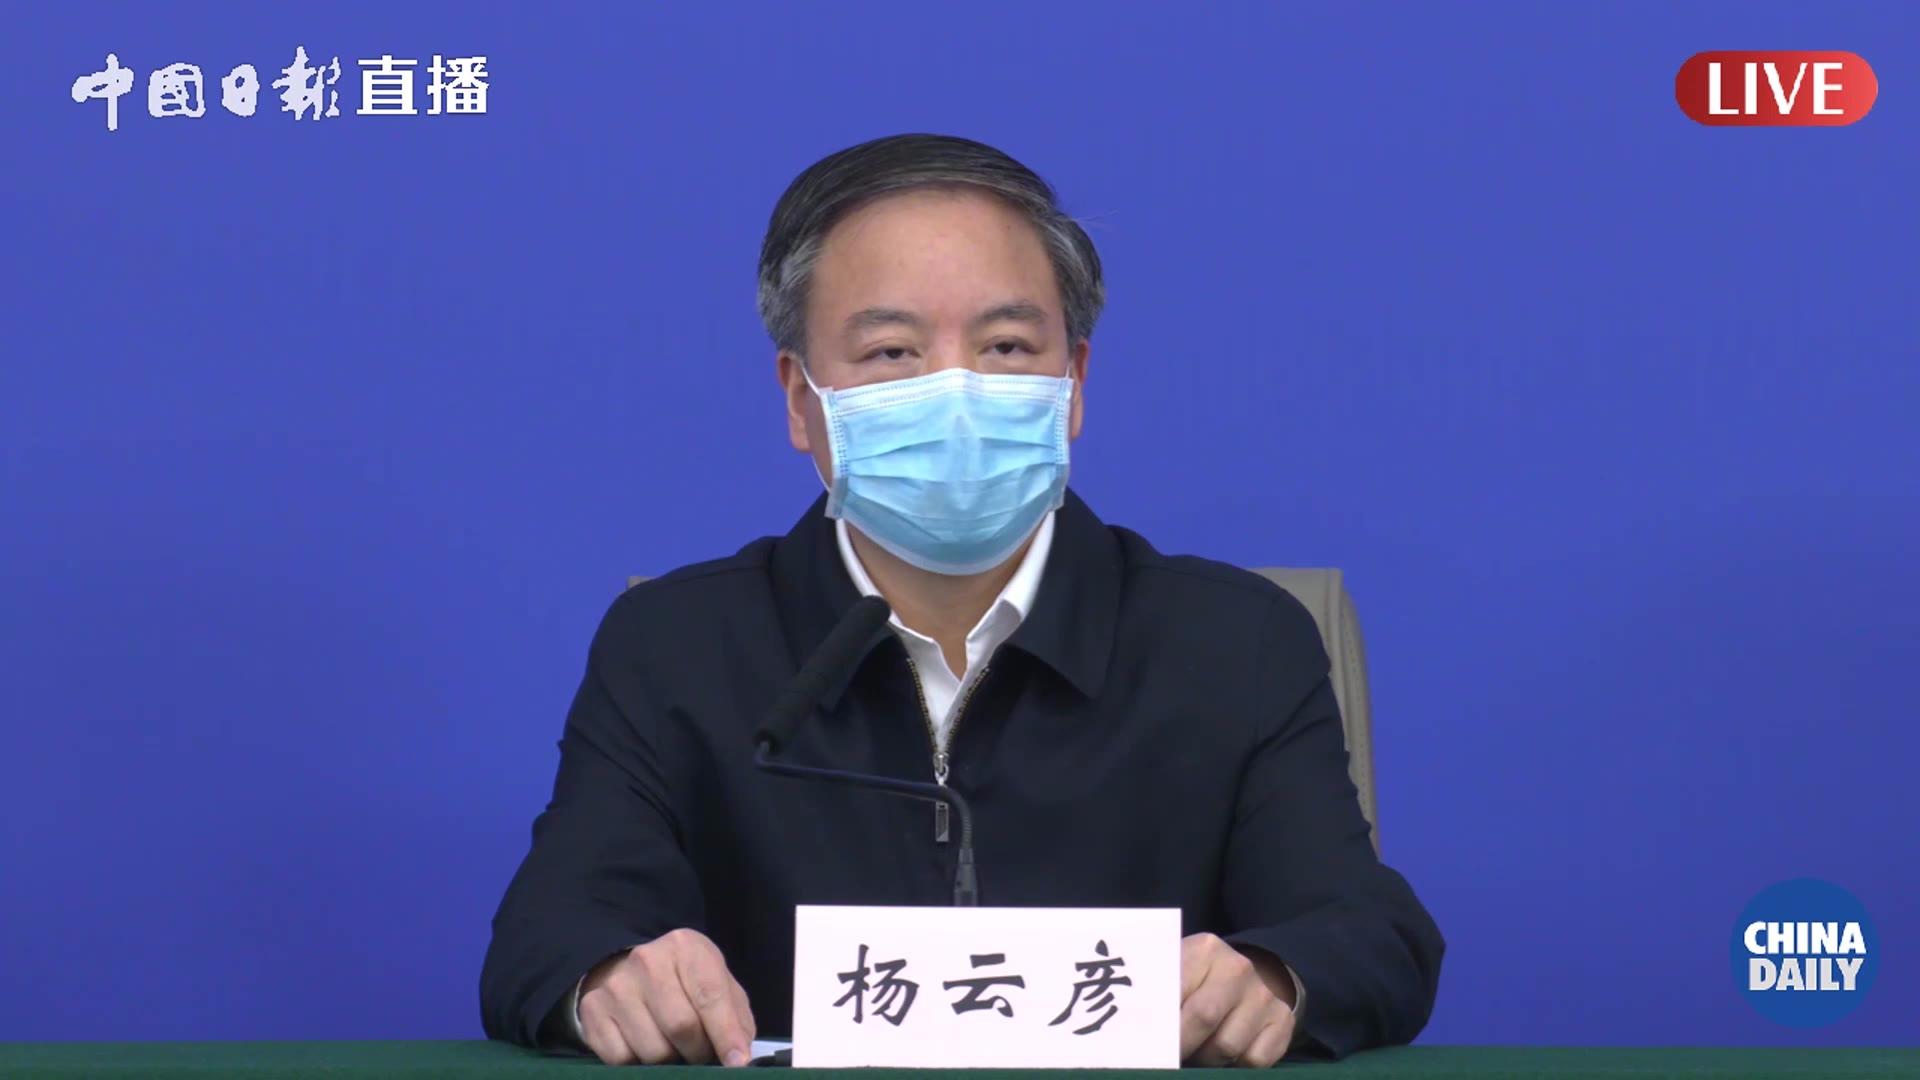 不要松懈!武汉仍有社区感染院内感染风险